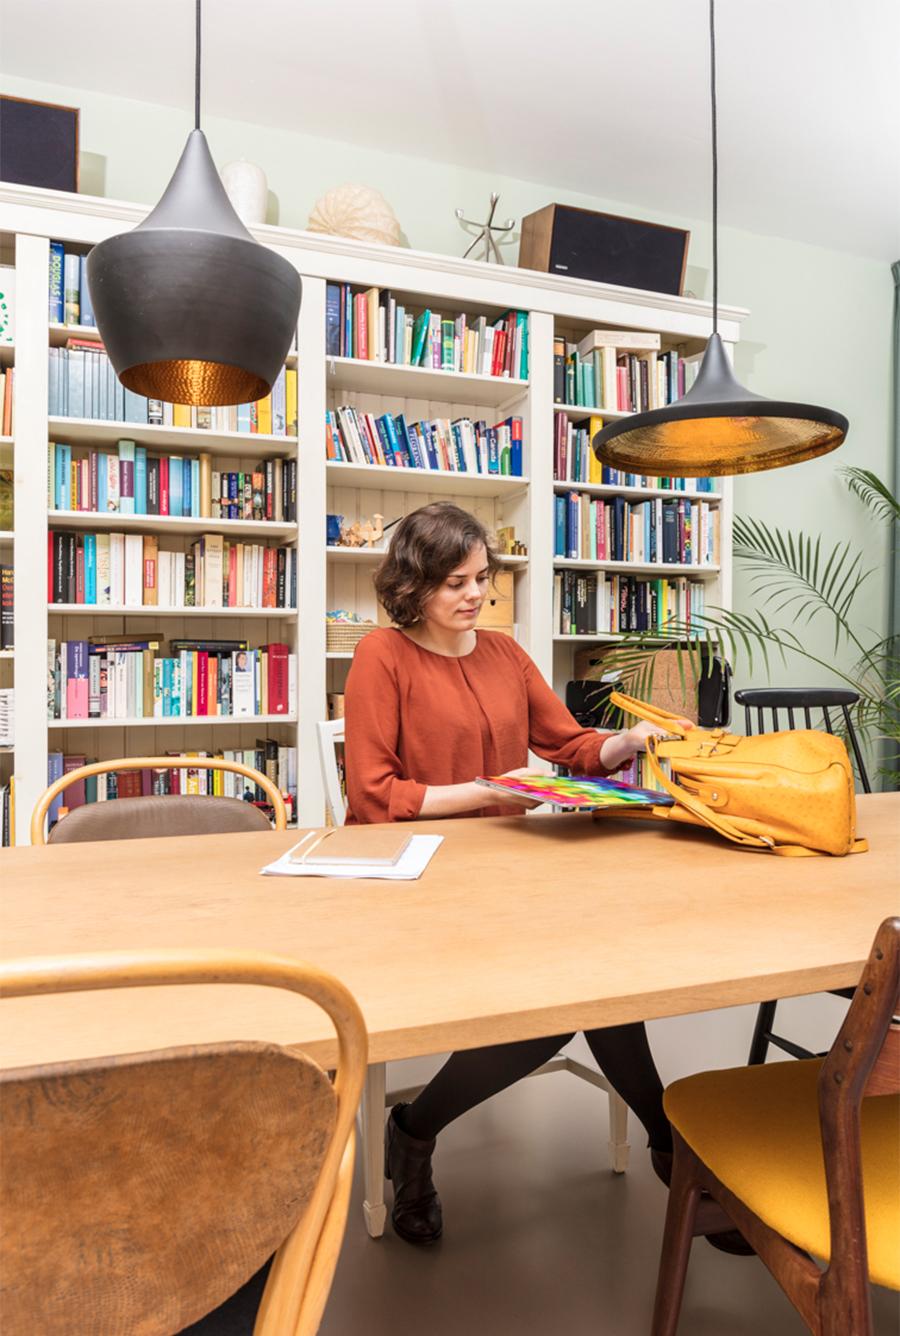 Mariska zit aan tafel en stopt haar studiespullen in haar tas. Op de achtergrond een grote boekenkast